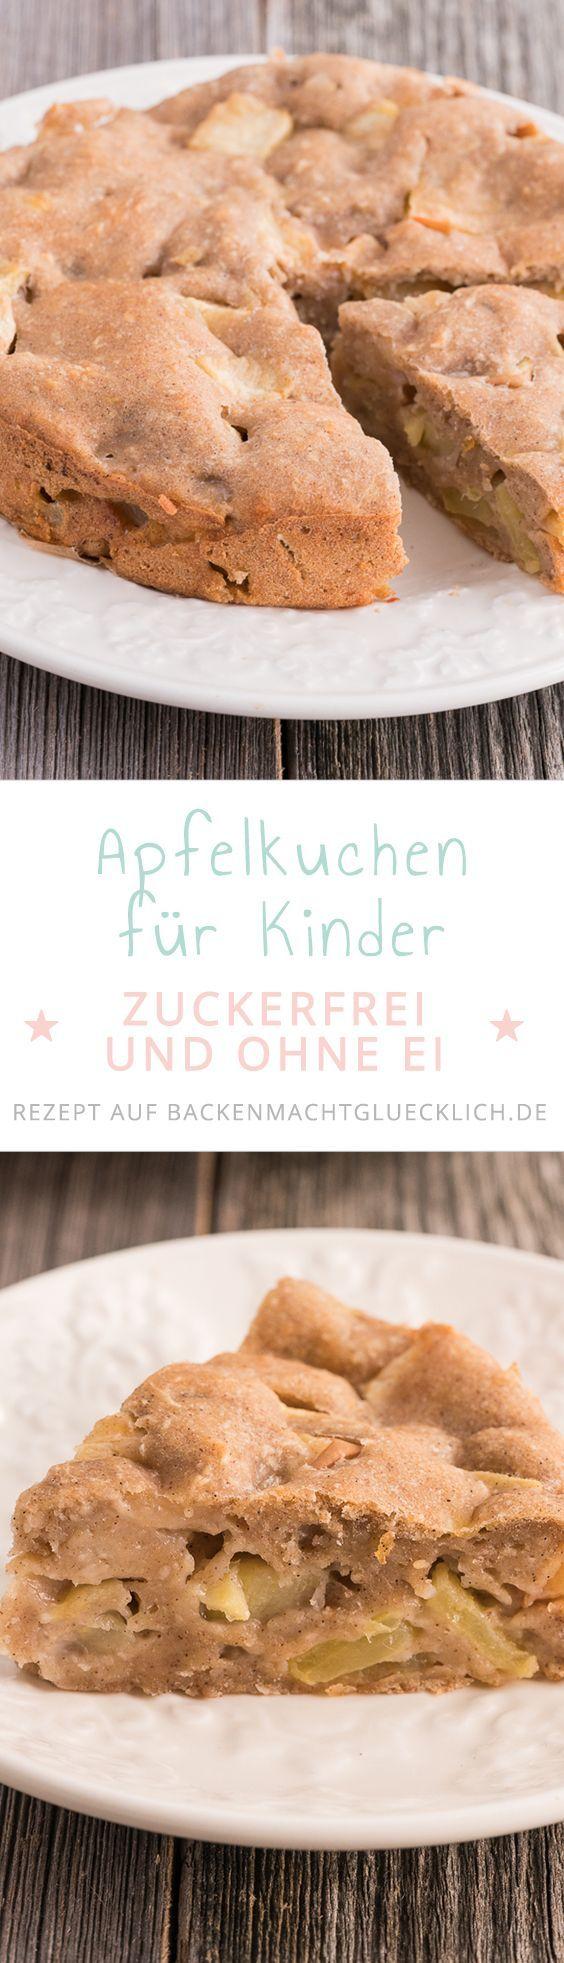 Apfelkuchen ohne Zucker, Butter, Ei   - Backen mit Kindern Rezepte - #Apfelkuchen #Backen #Butter #Kindern #mit #ohne #Rezepte #Zucker #applepie